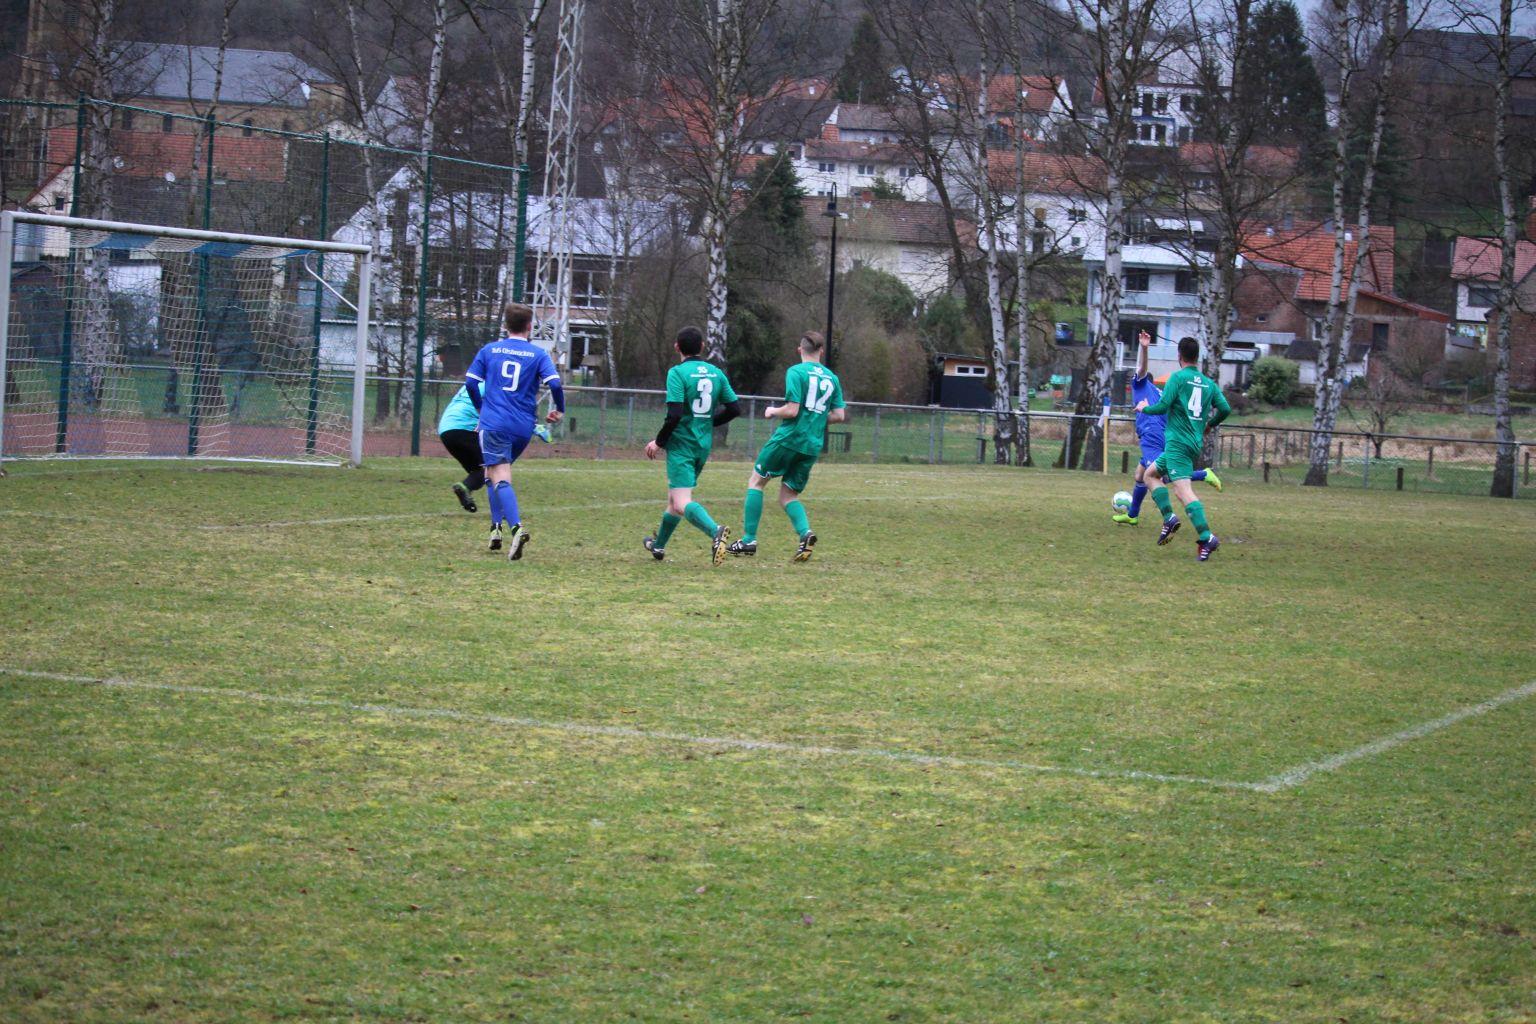 170319_1_Niederkirchen_IMG_9202